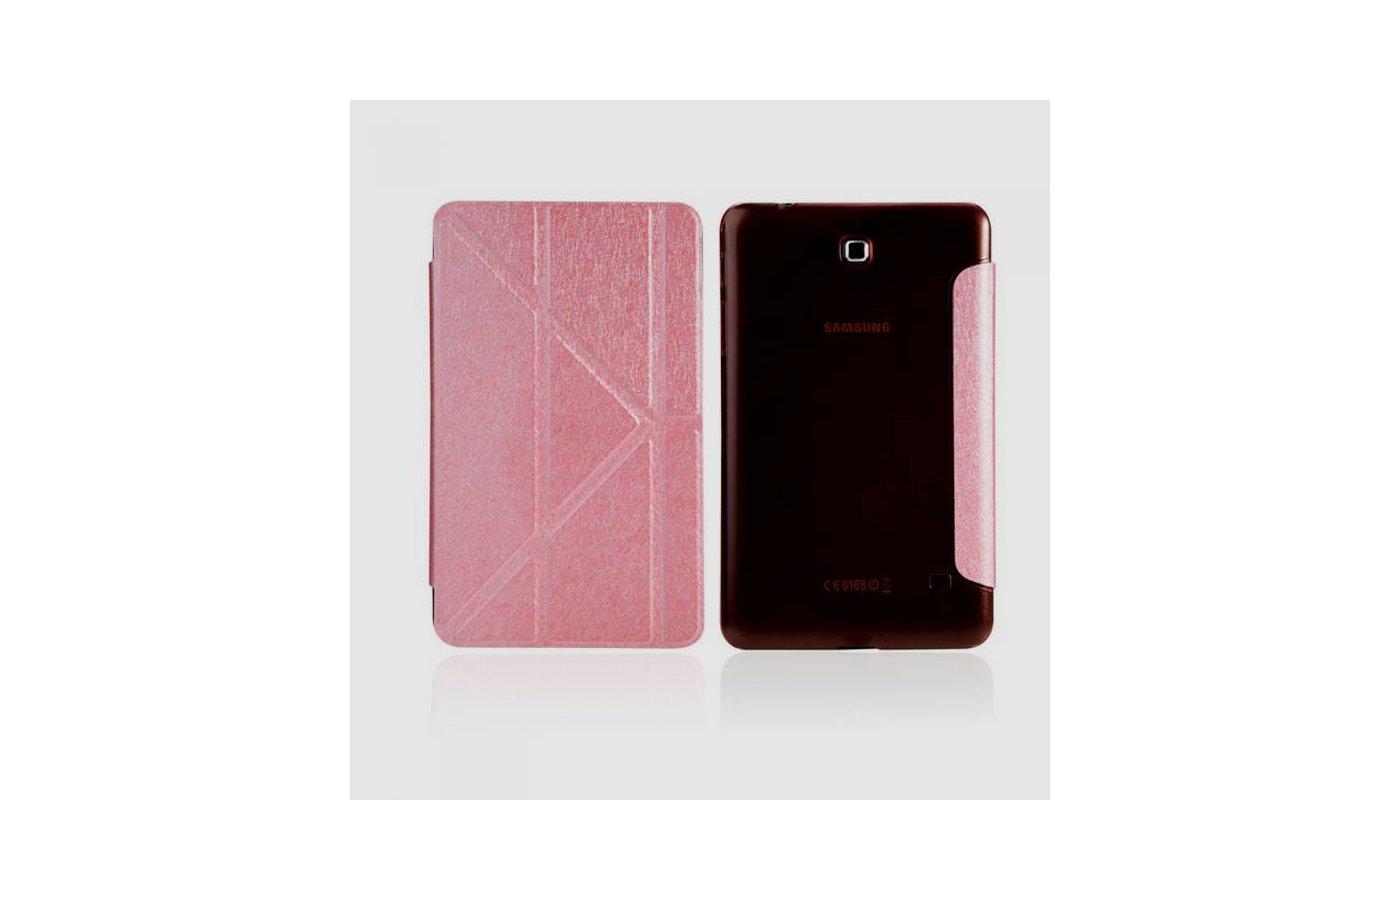 Чехол для планшетного ПК IT BAGGAGE для SAMSUNG Galaxy Tab4 8 hard case искус. кожа, персиковый с тонированной задней стенкой